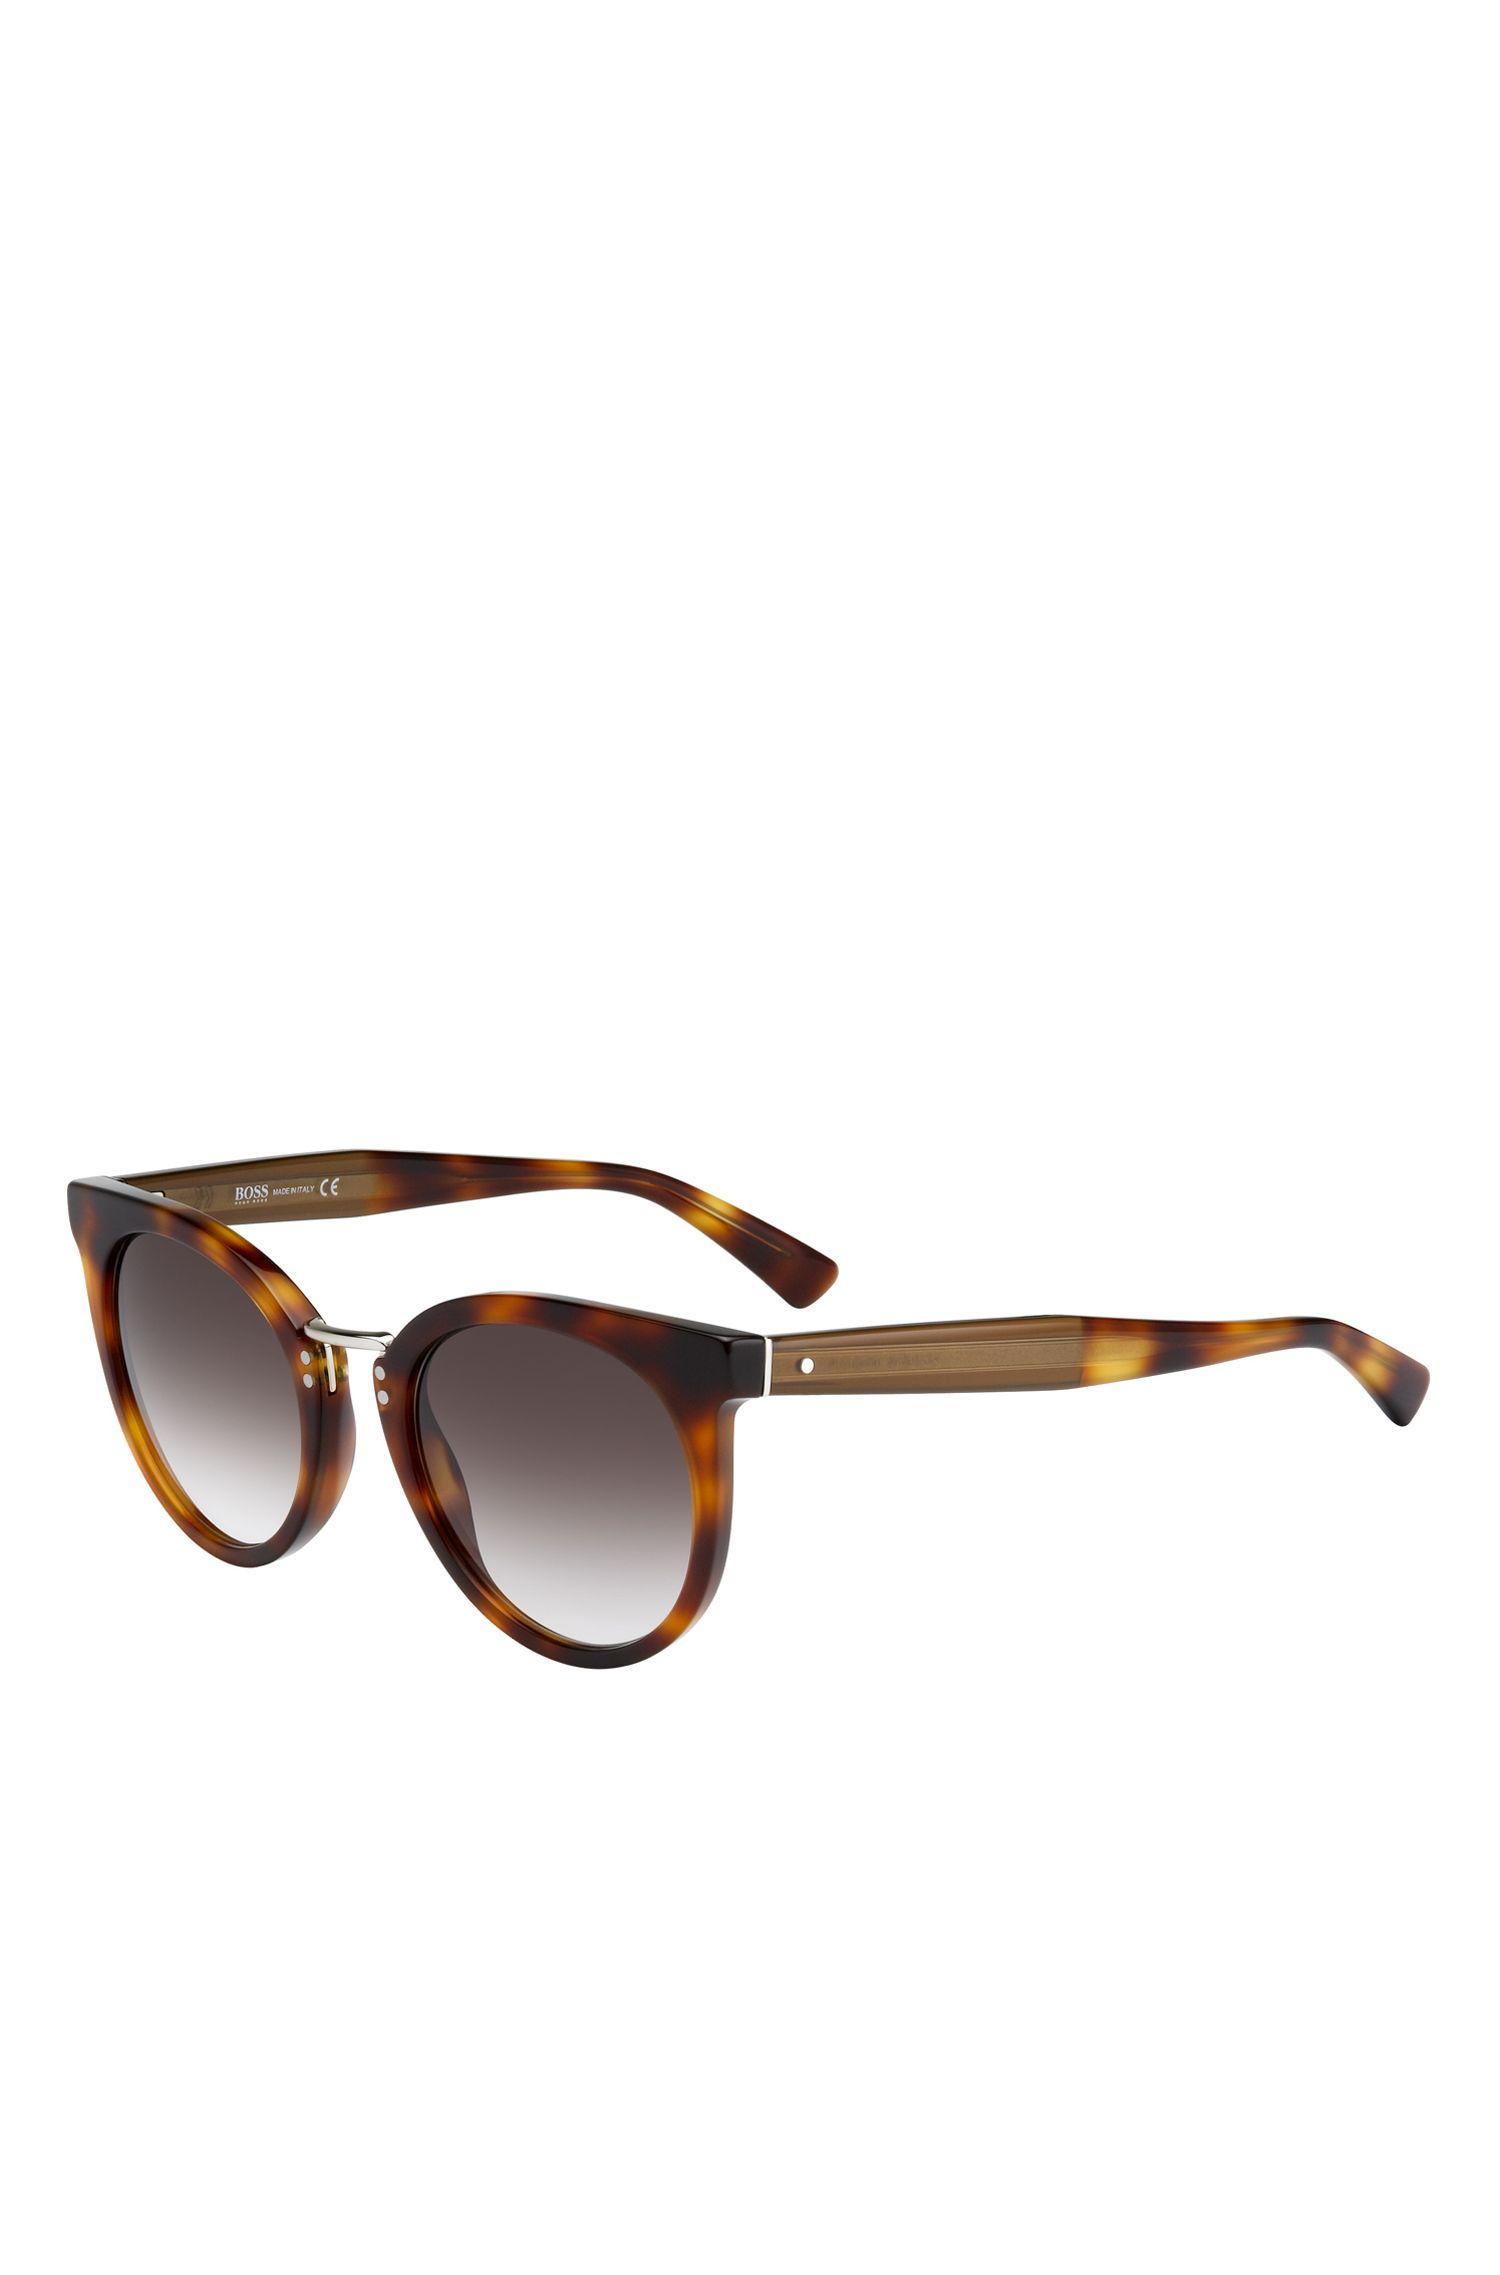 Black Lens Rounded Cateye Havana Sunglasses | BOSS 0793S